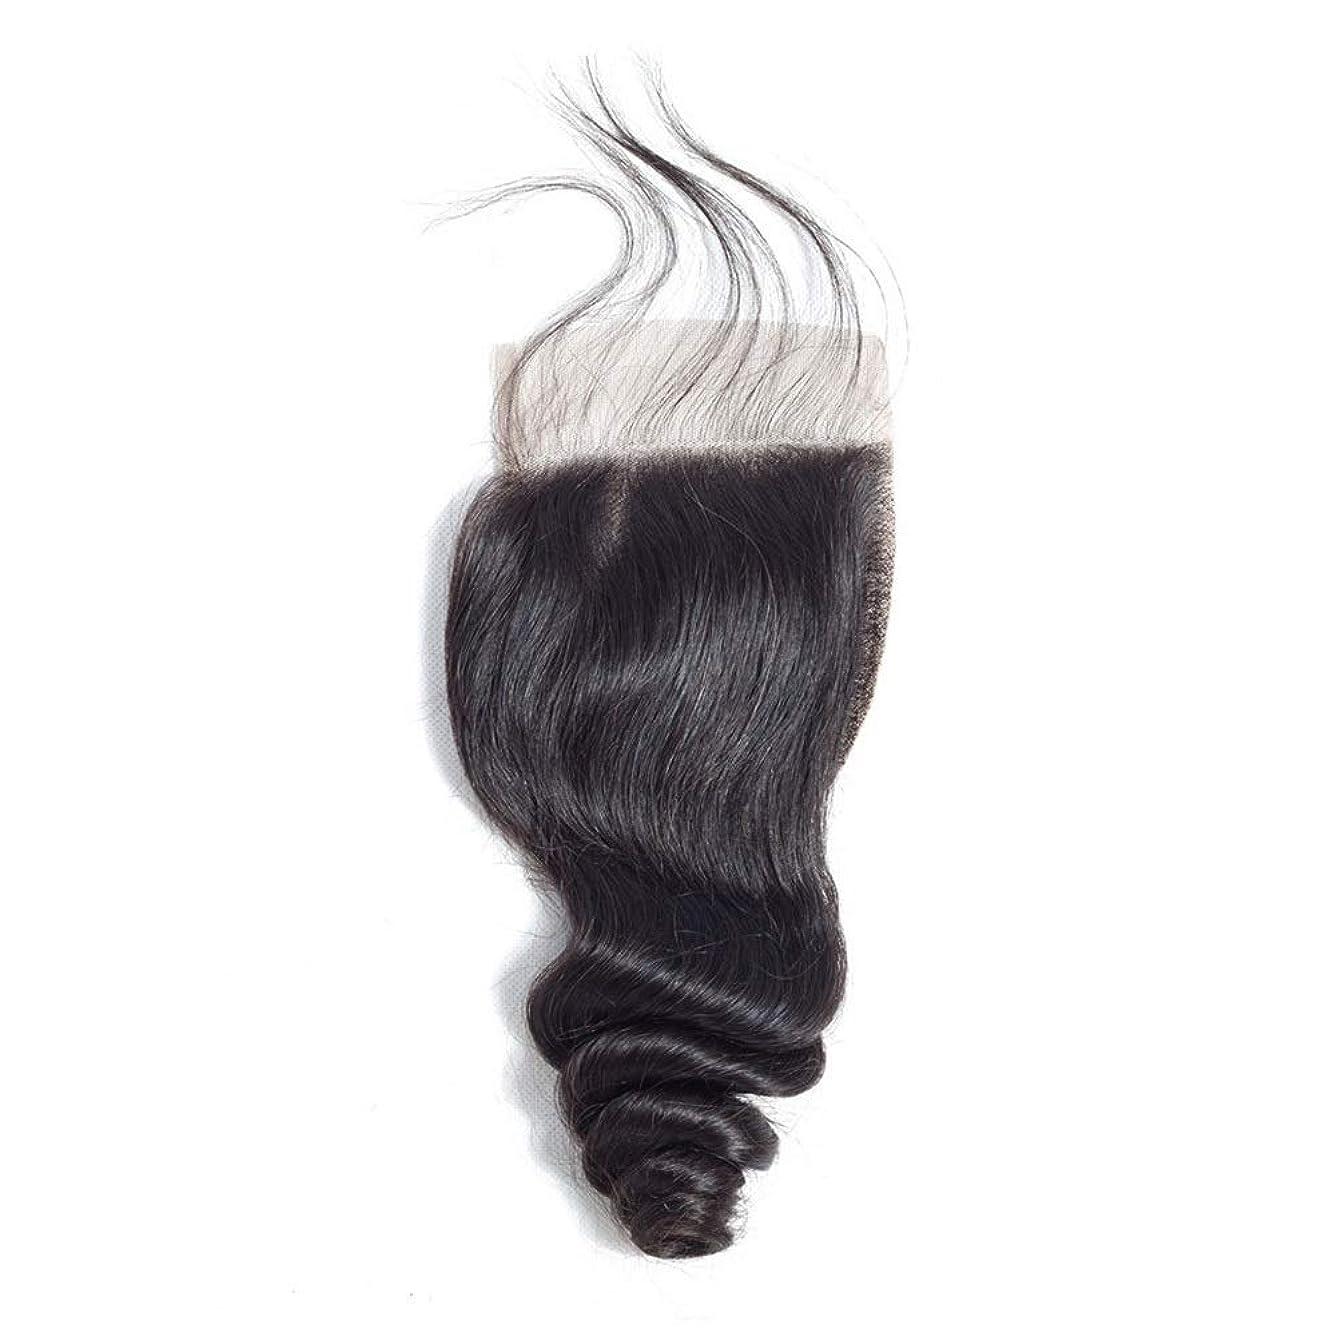 支配的進行中コールドHOHYLLYA レースの閉鎖ブラジルの緩い波の髪4×4インチの自由な部分の閉鎖リアル人間の髪の毛の自然な色の長い巻き毛のかつら (色 : 黒, サイズ : 20 inch)